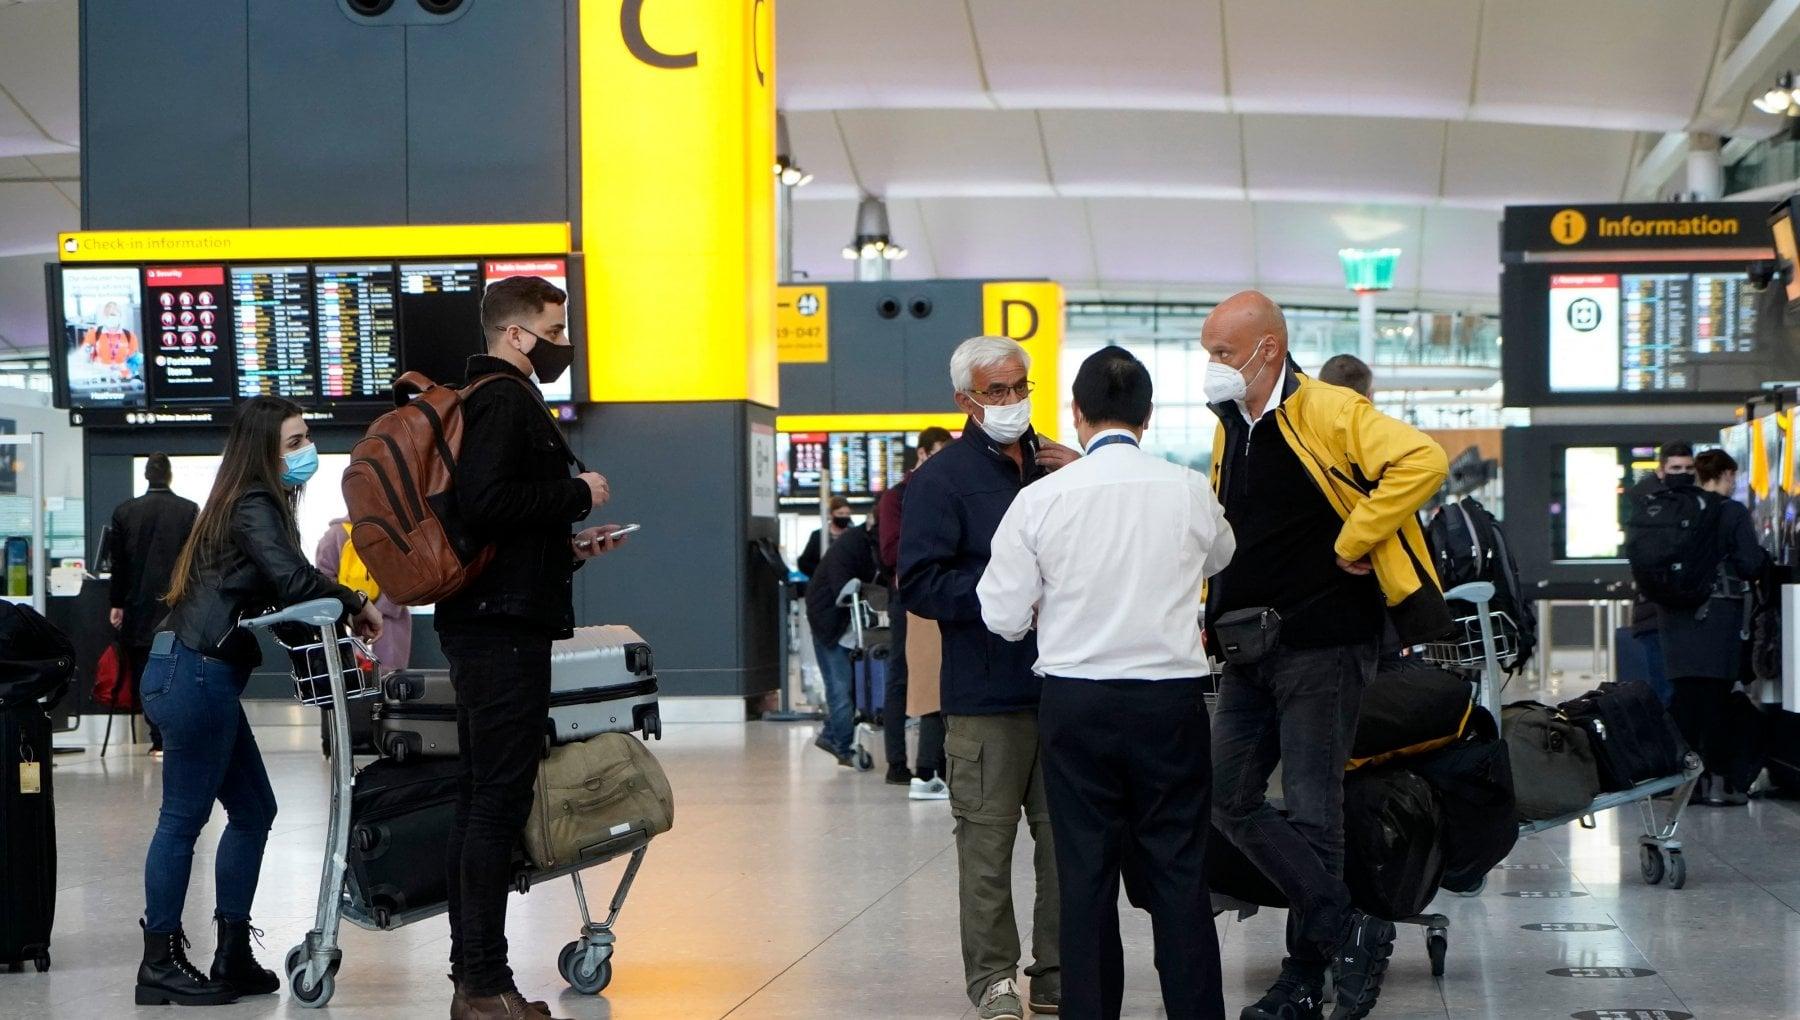 Viaggi dal Regno Unito i diritti dei passeggeri si a rimborsi e voucher. In attesa dei voli di Stato